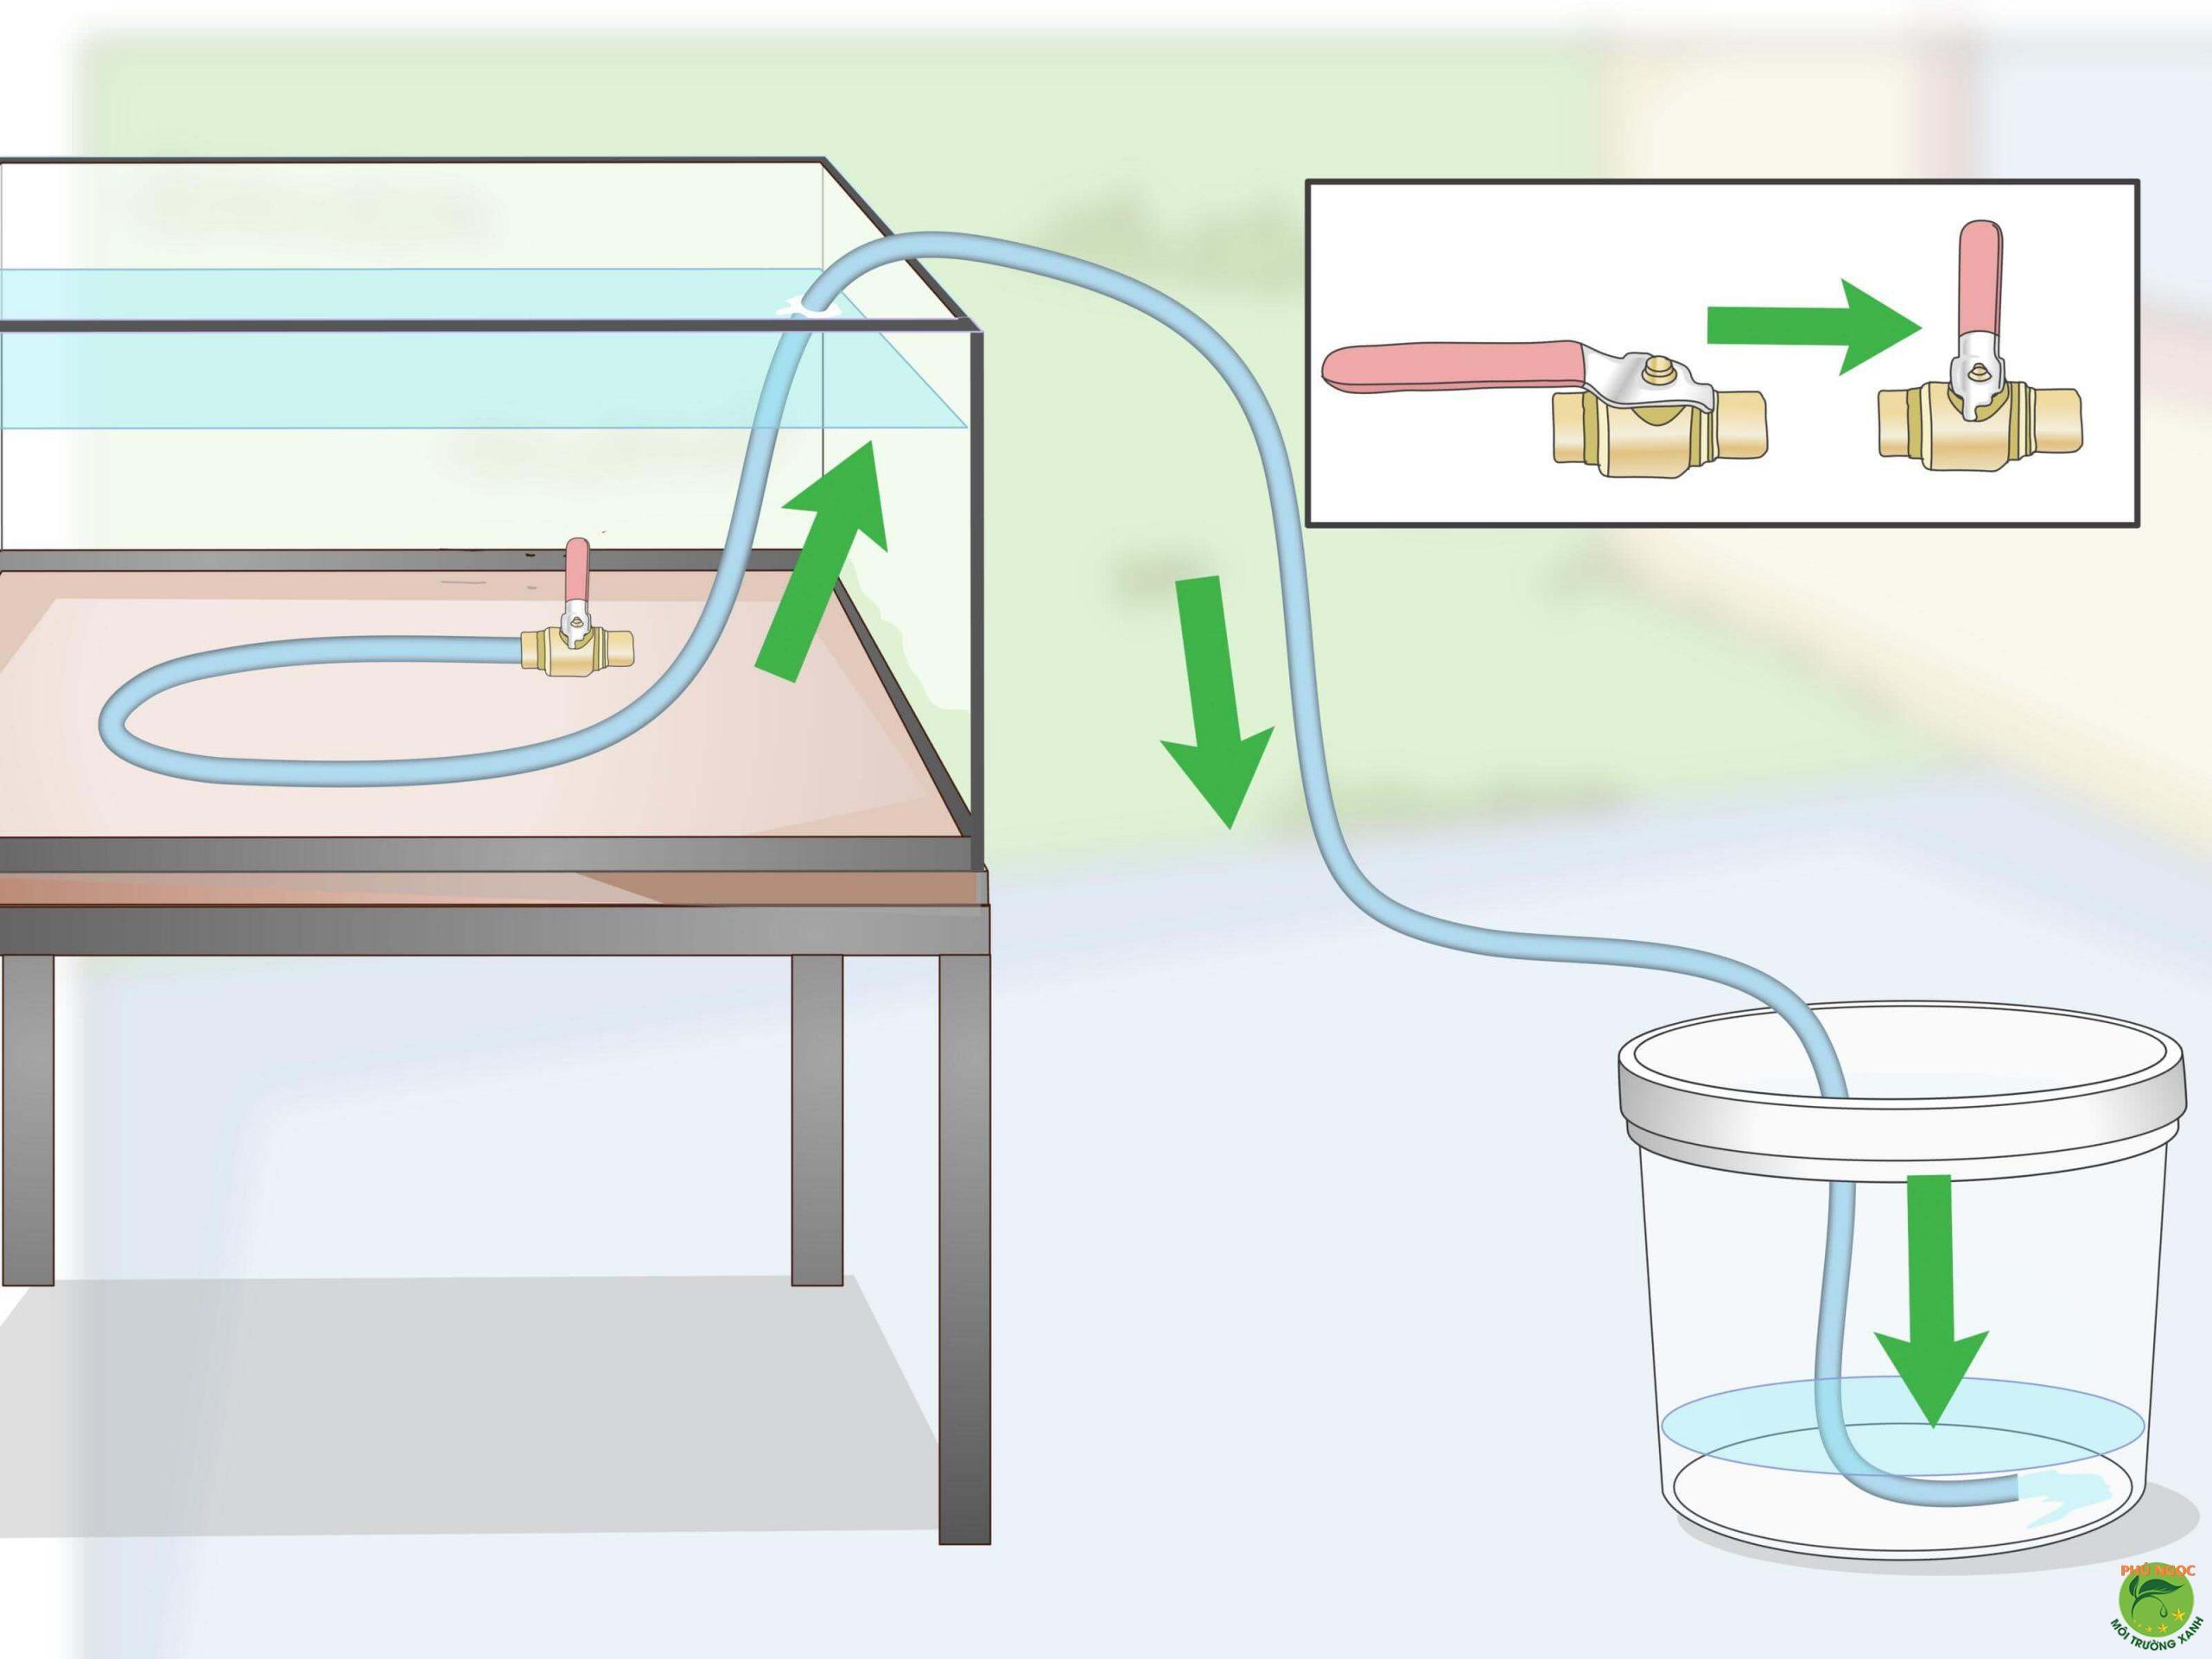 Siphon giúp nước chảy từ nơi có địa hình cao xuống nơi có địa hình thấp hơn